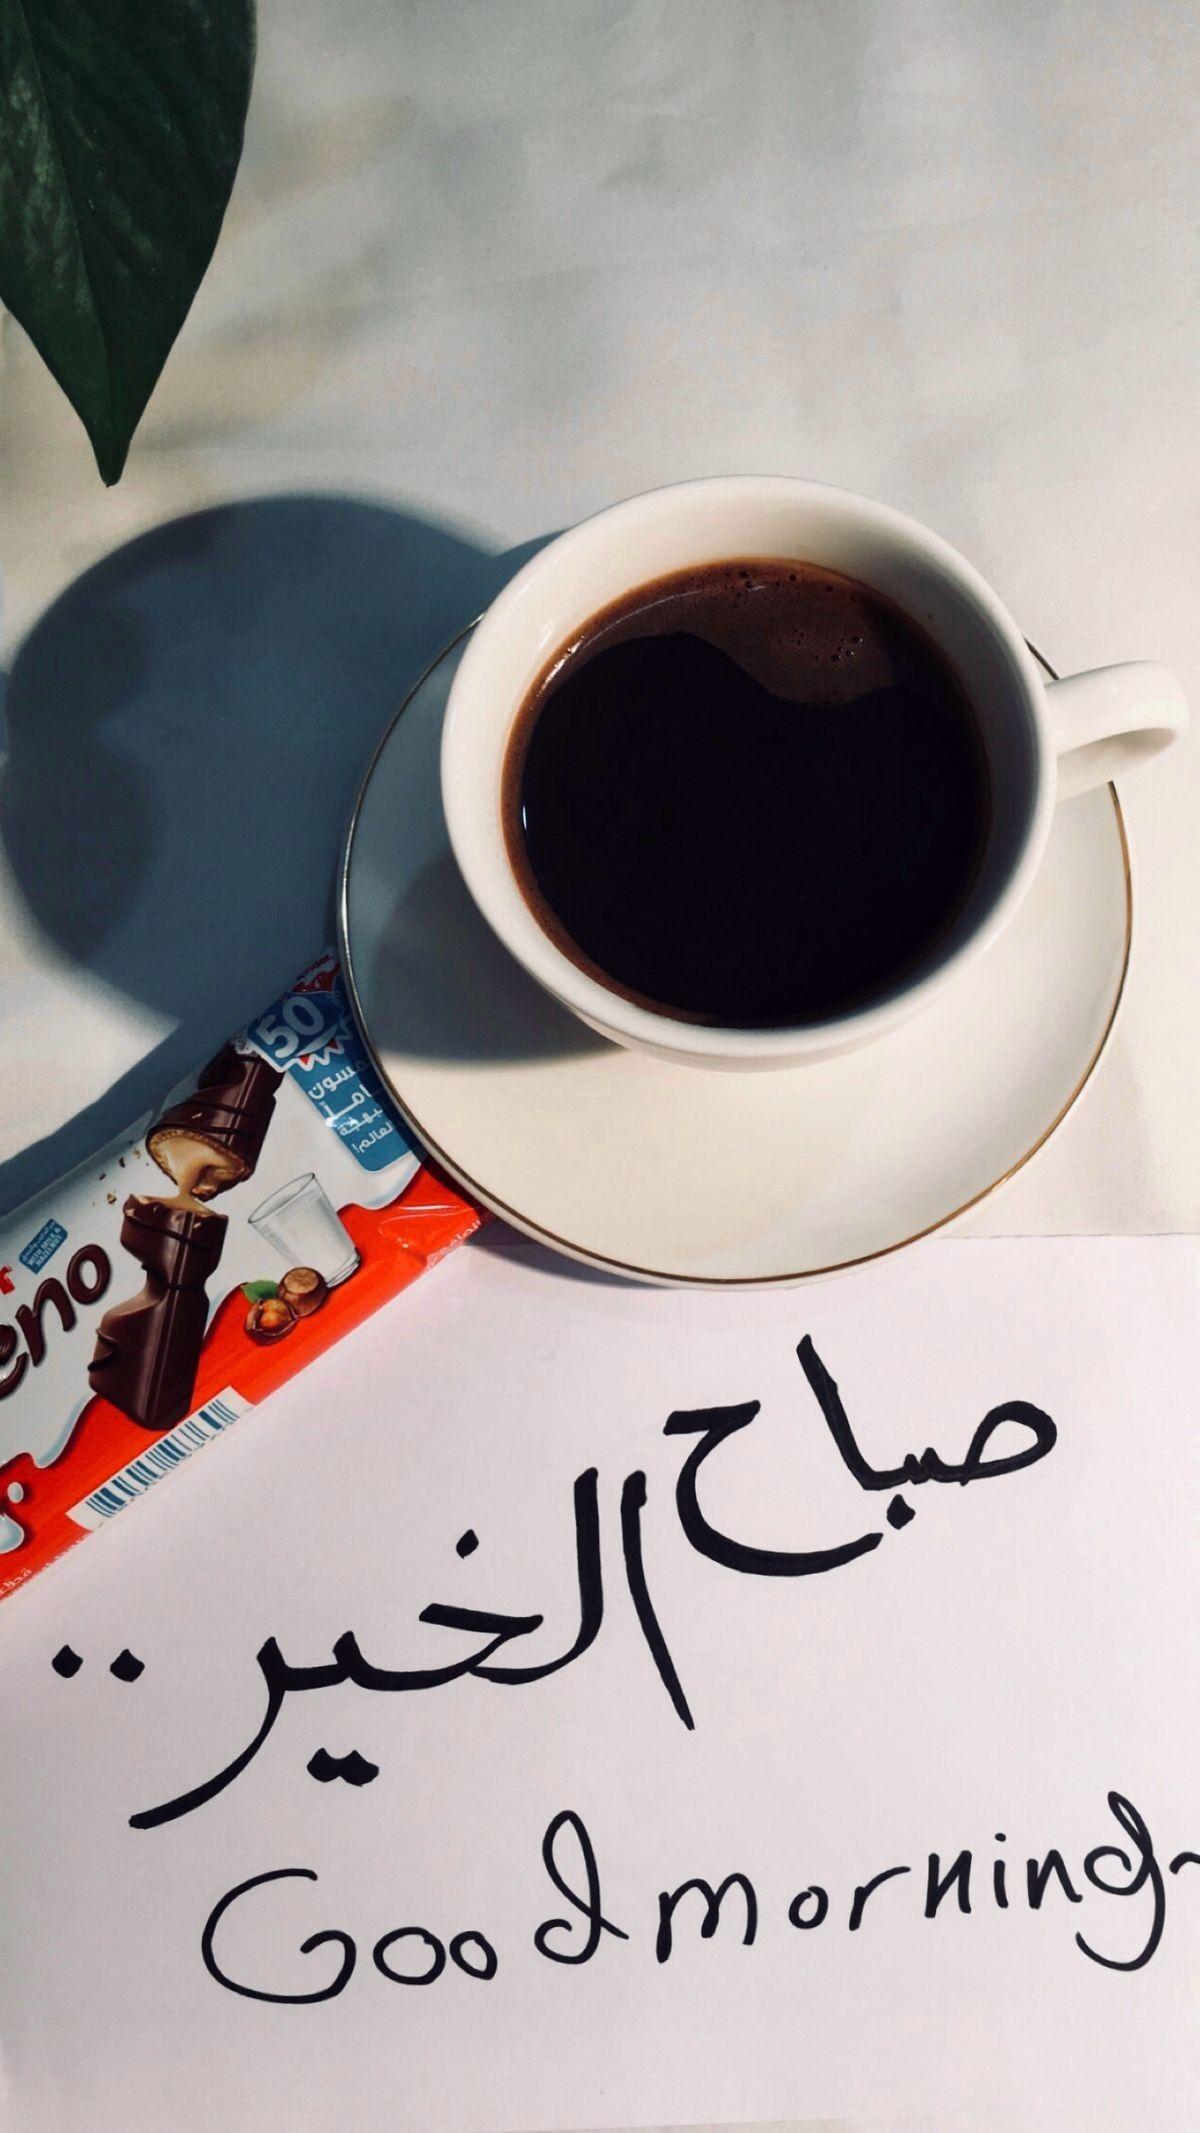 صباح الخير اصبحنا واصبح الملك لله والحمد لله Good Morning Coffee Good Morning Beautiful Quotes Coffee Quotes